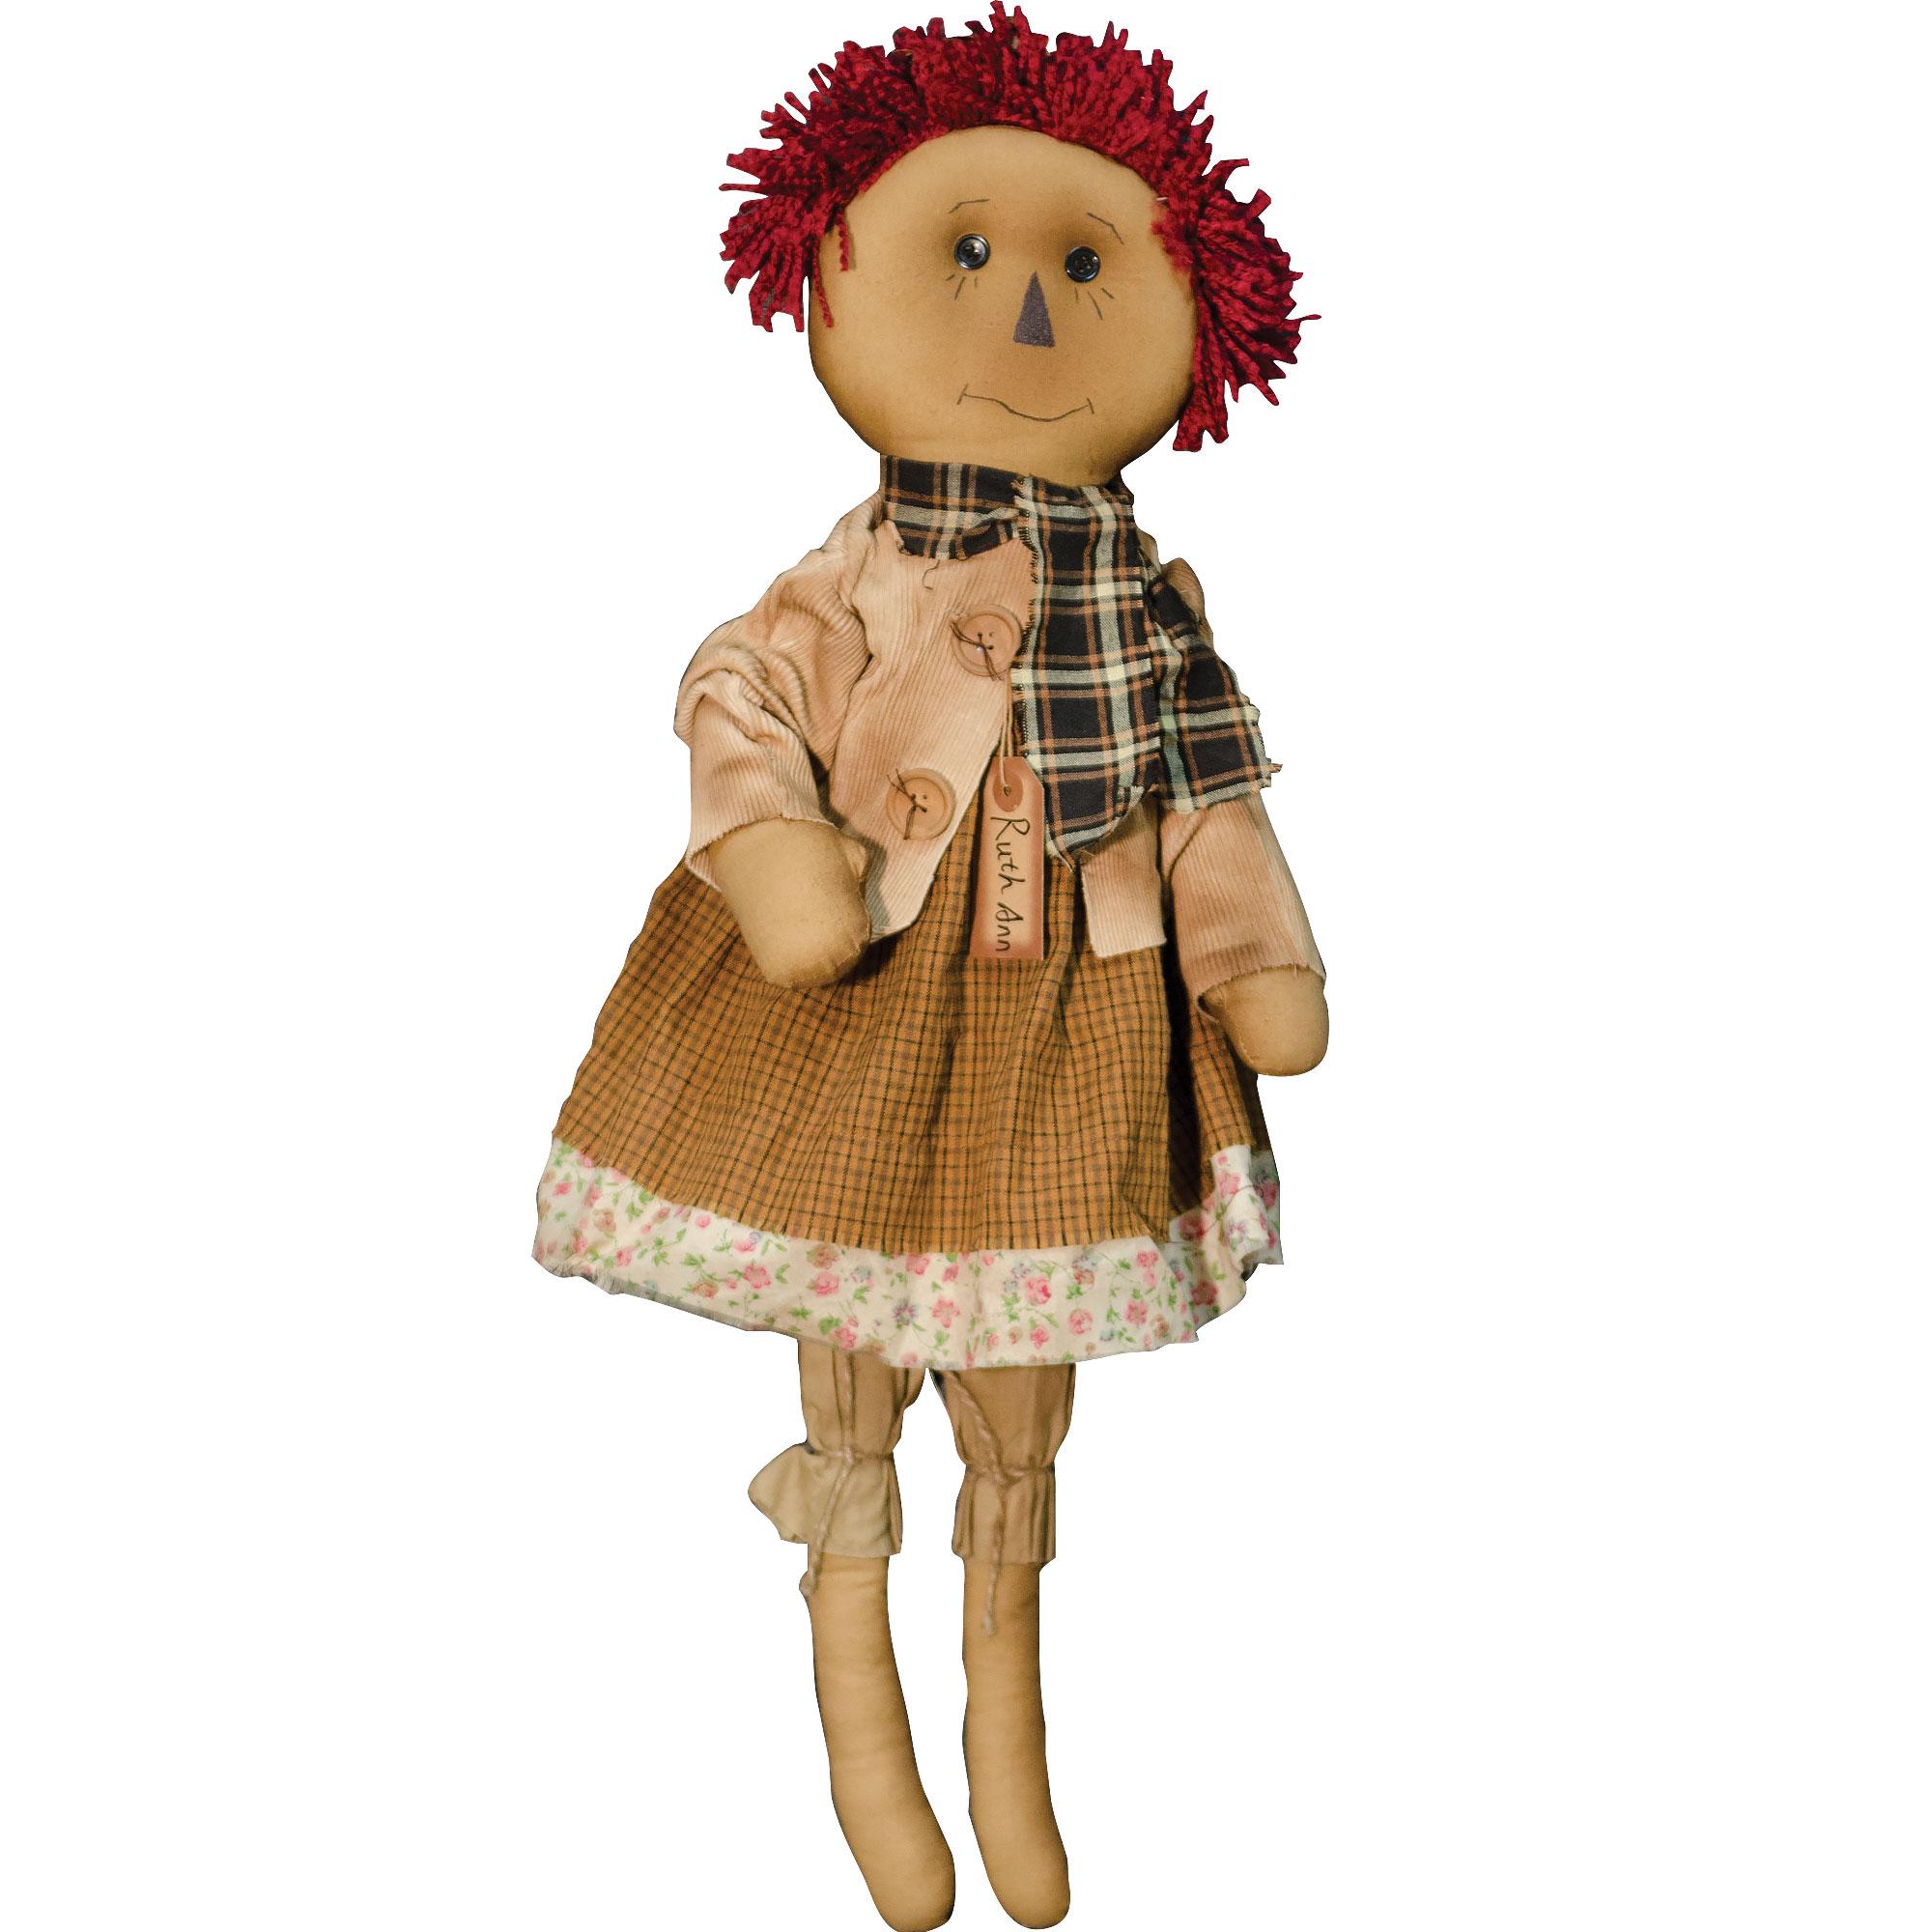 hrs-cs36616-ruth-ann-doll-lrg